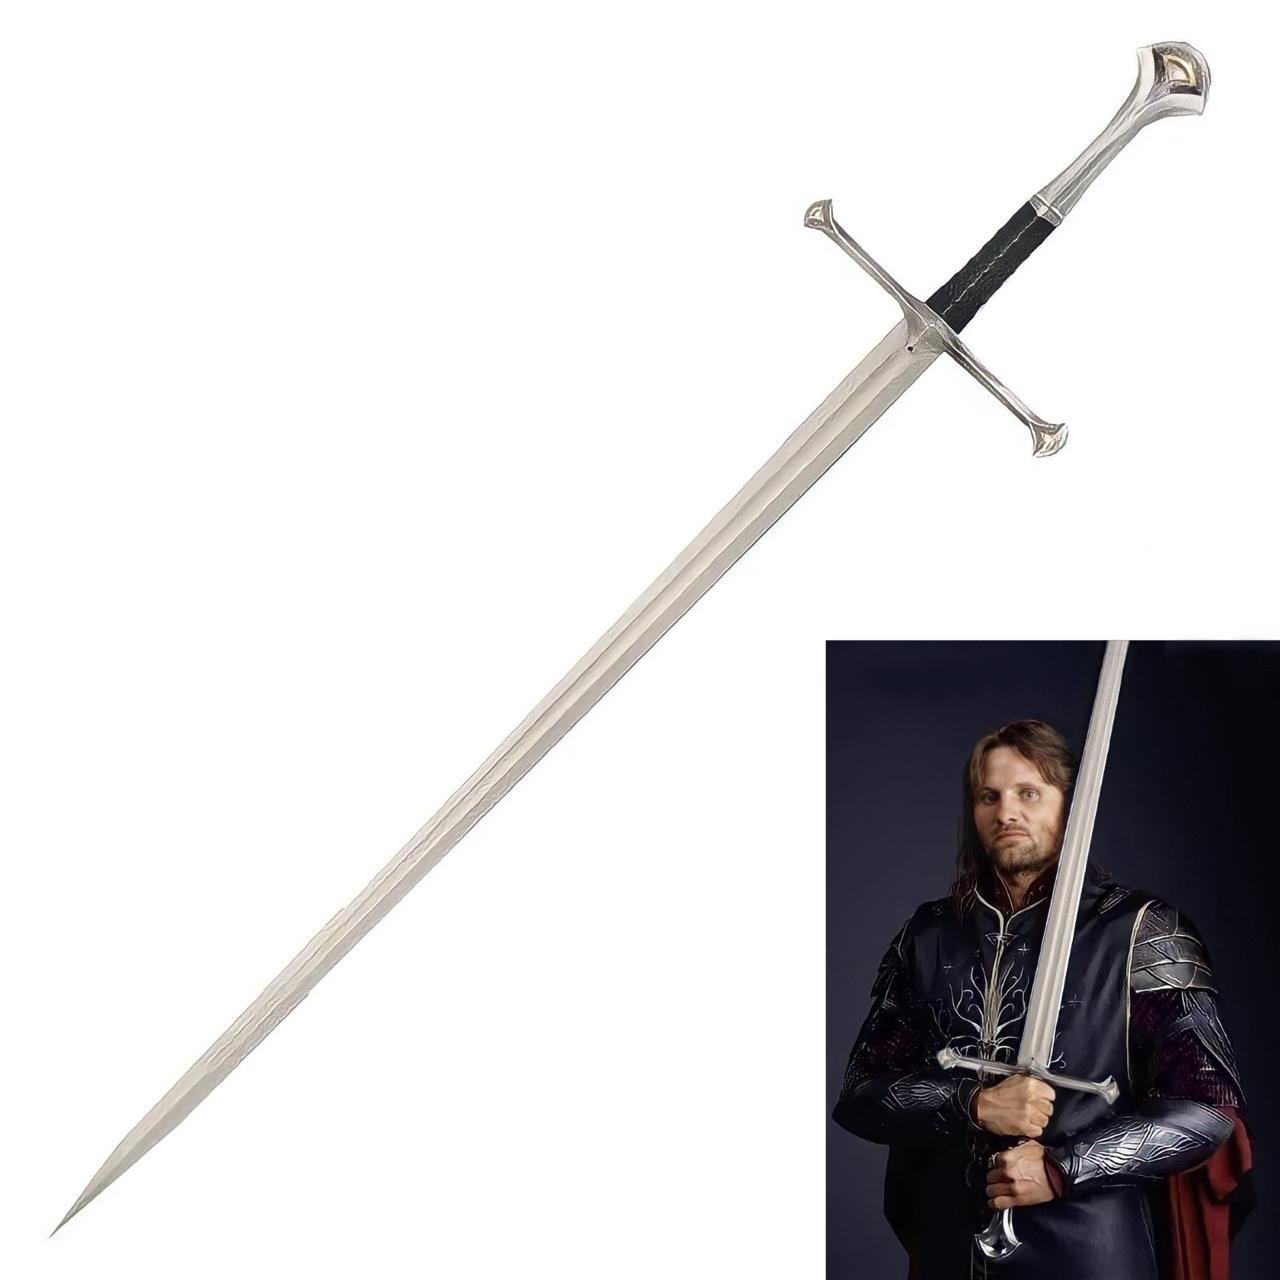 Espada Anduril : O Senhor dos Anéis (The Lord of the Rings) - Preta